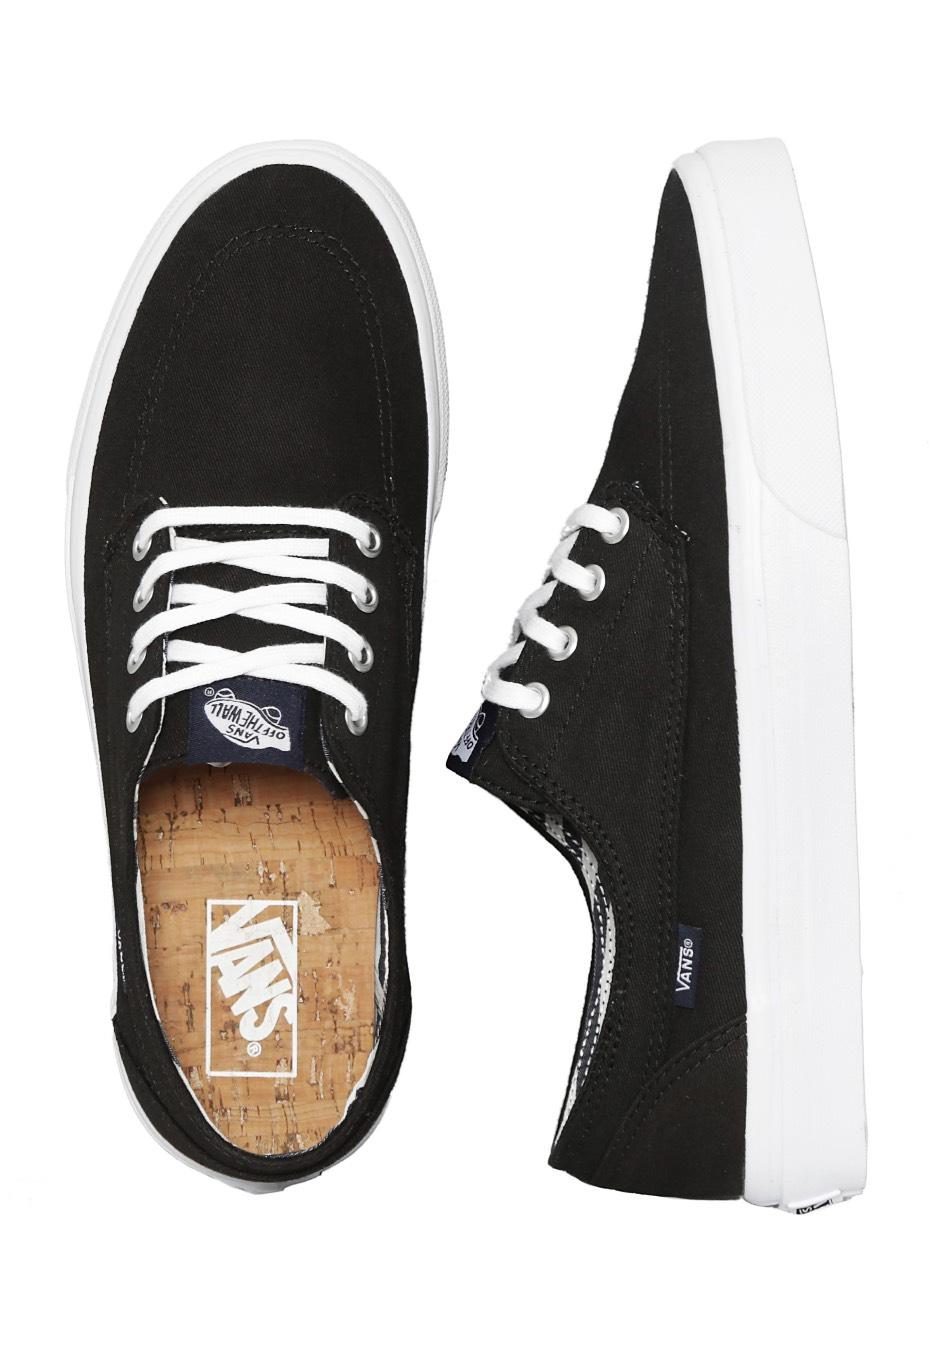 105db1fc7db Vans - Brigata Deck Club - Shoes - Impericon.com US